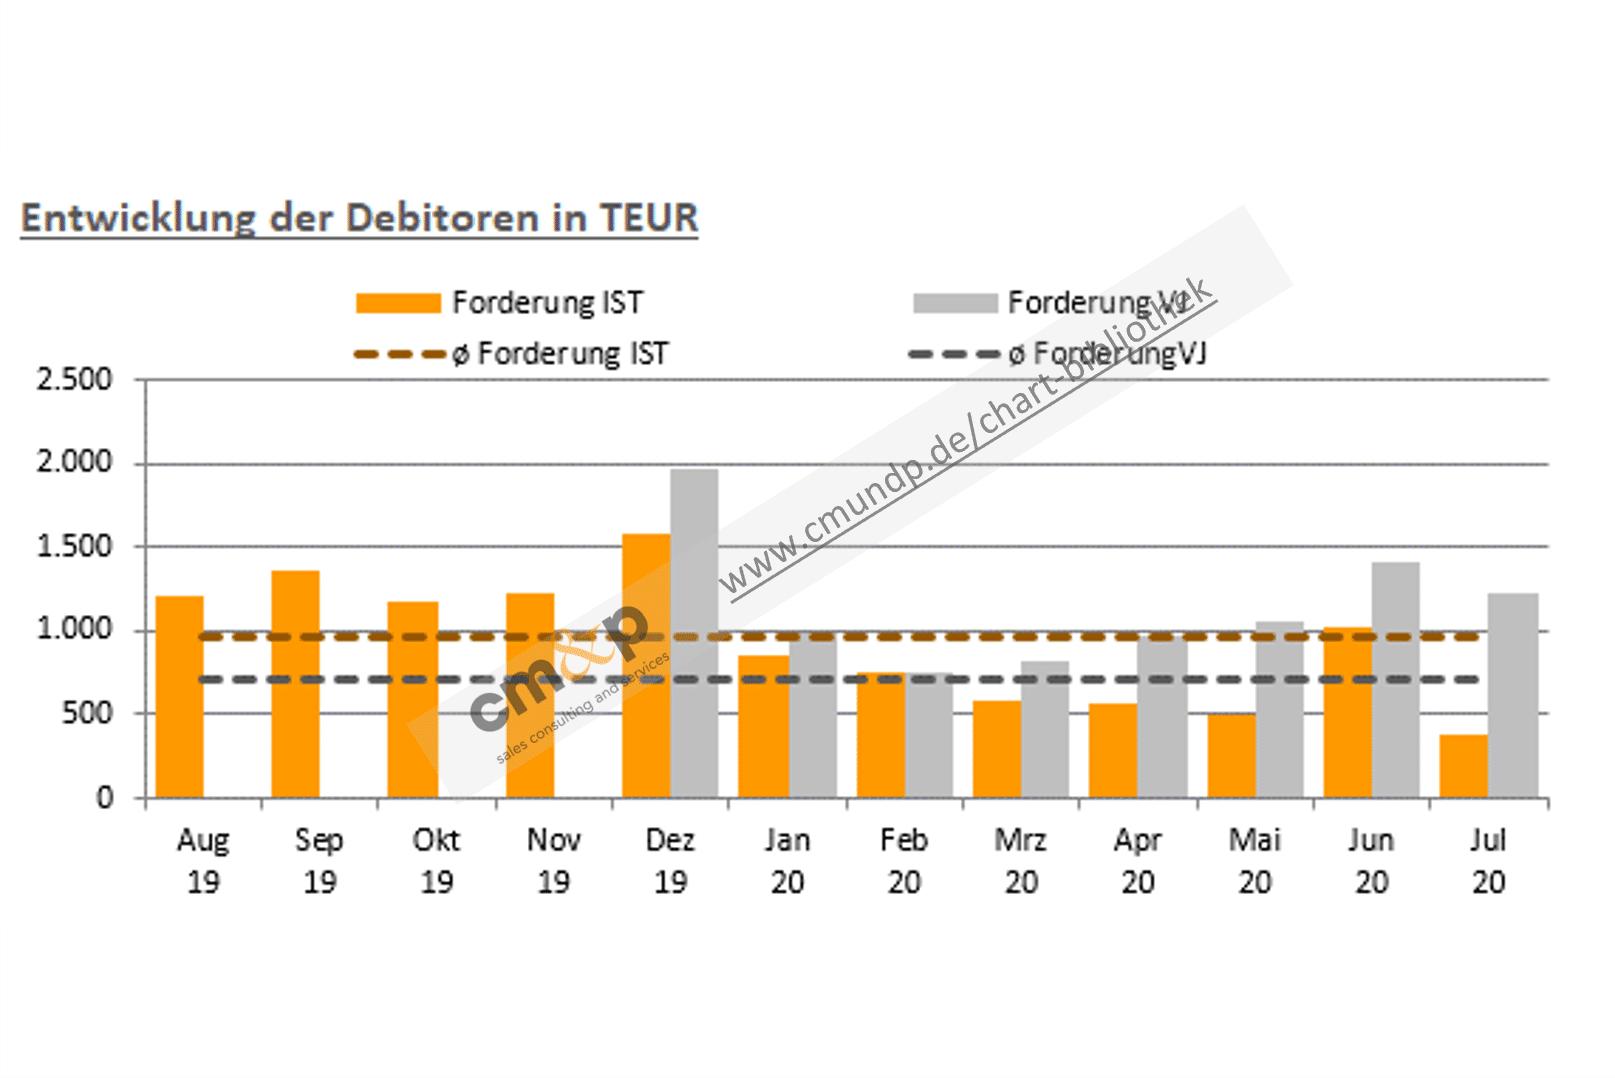 Darstellung der offenen Forderungen des aktuellen Jahres und Vorjahres als Säulen in TEUR im Monatsvergleich Abbildung der Ø-Forderungen des aktuellen Jahres und Vorjahres als Linie in TEUR